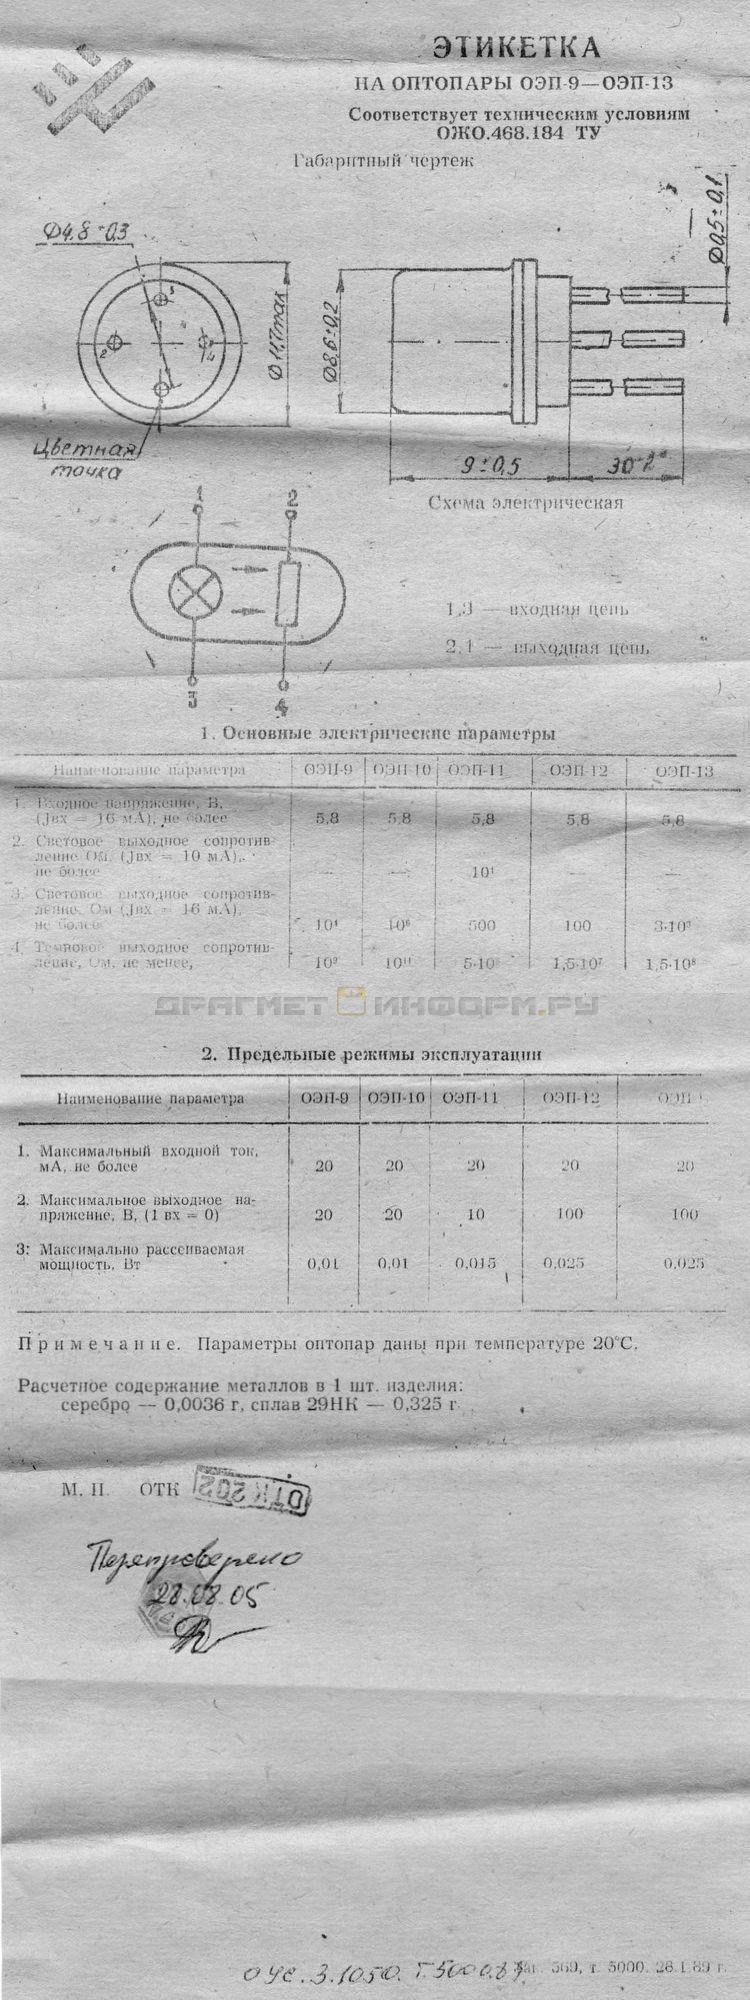 Формуляр ОЭП-12